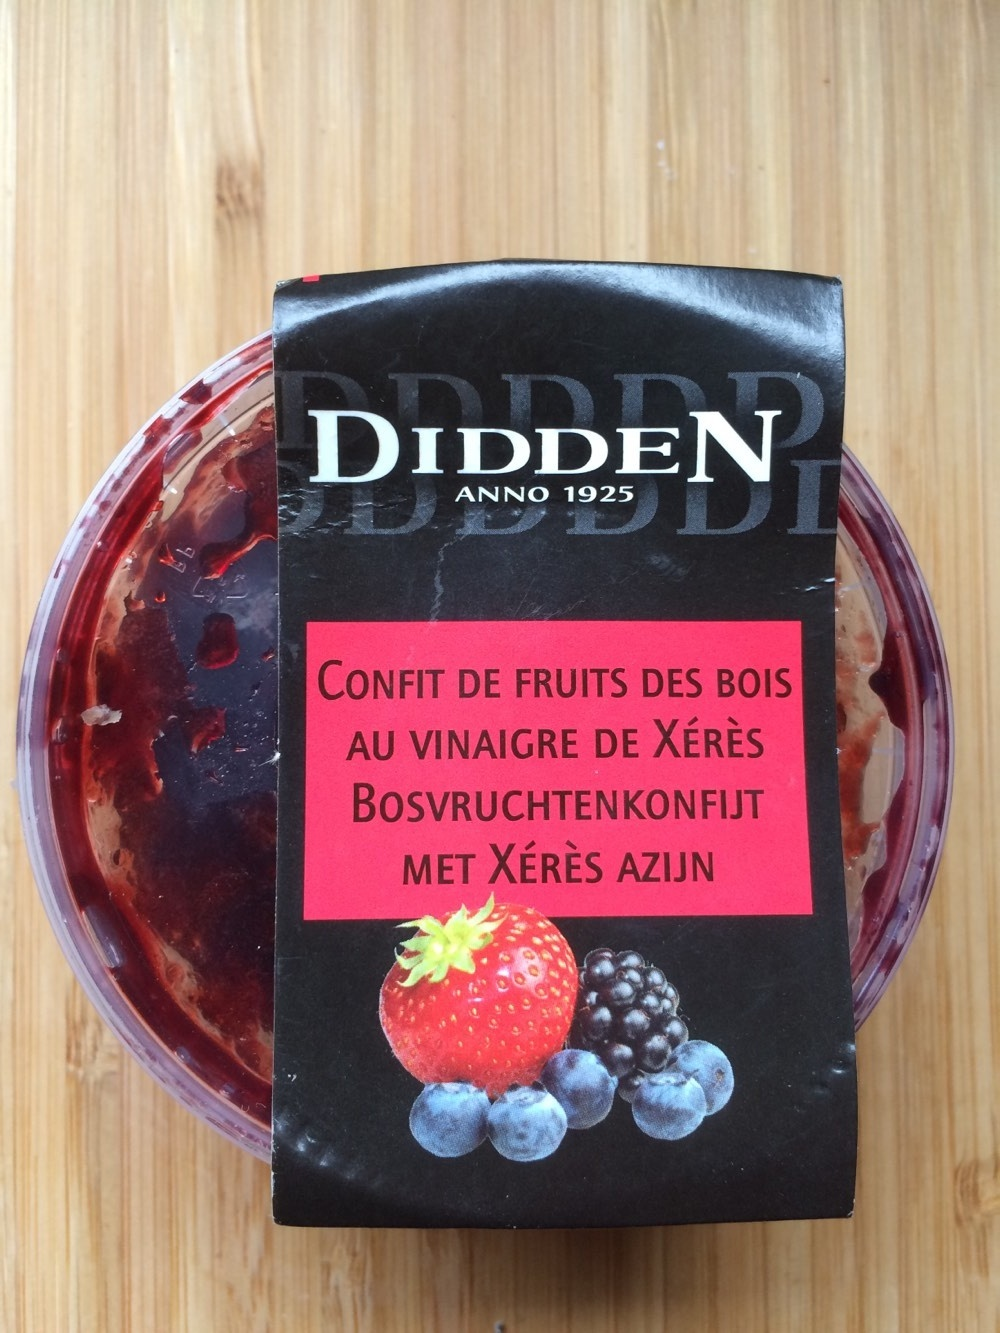 Conflit de fruits des bois - Product - fr